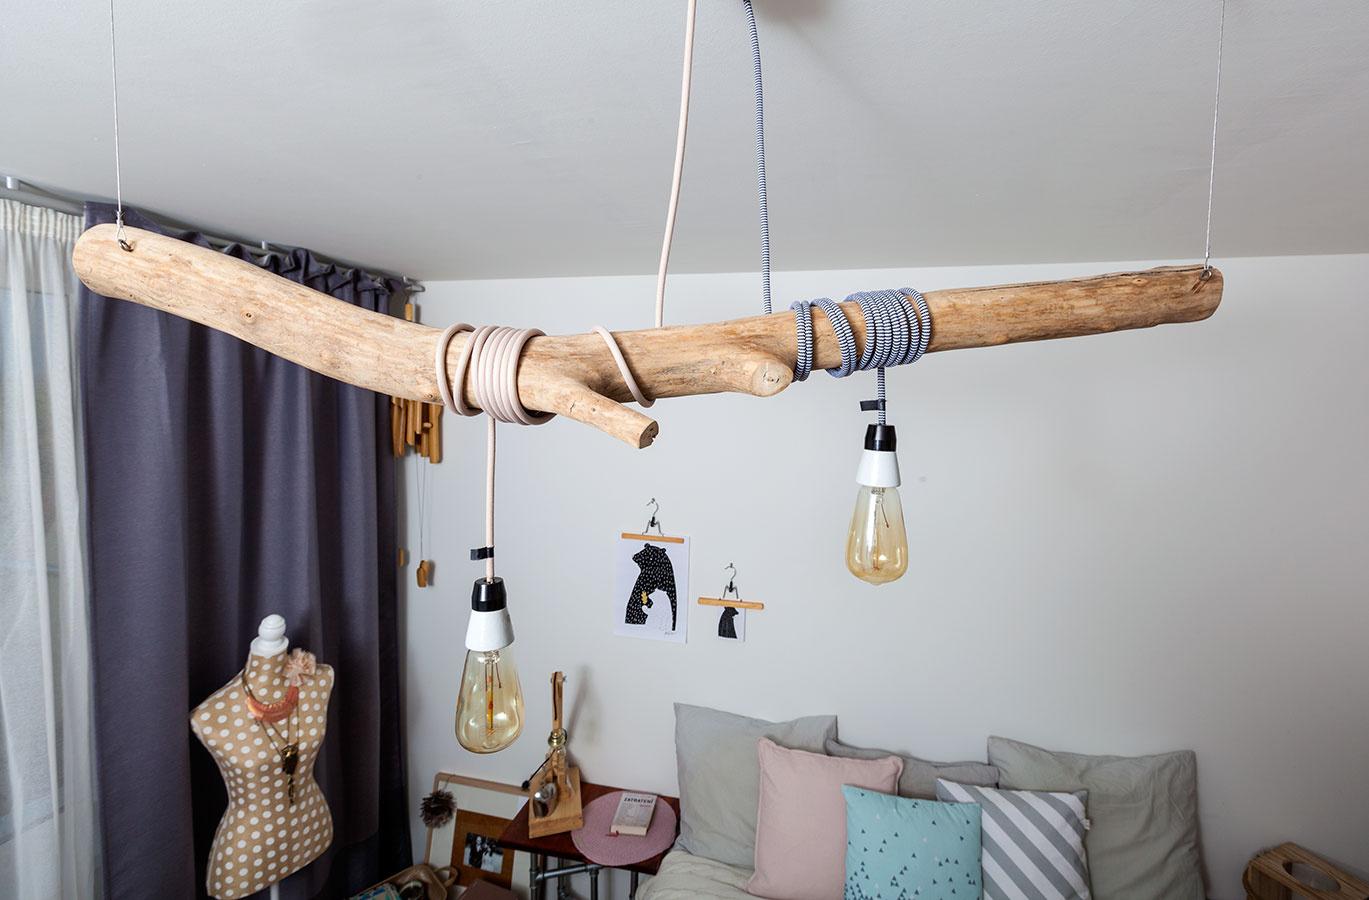 Farebný textilný kábel (rôzne farby), typ 2 × 0,75 mm, dĺžka 3 m, 14 €; žiarovka ARLI RETRO, 11 €; žiarovka ARLI EGG, 15 €, všetko www.arlistore.com